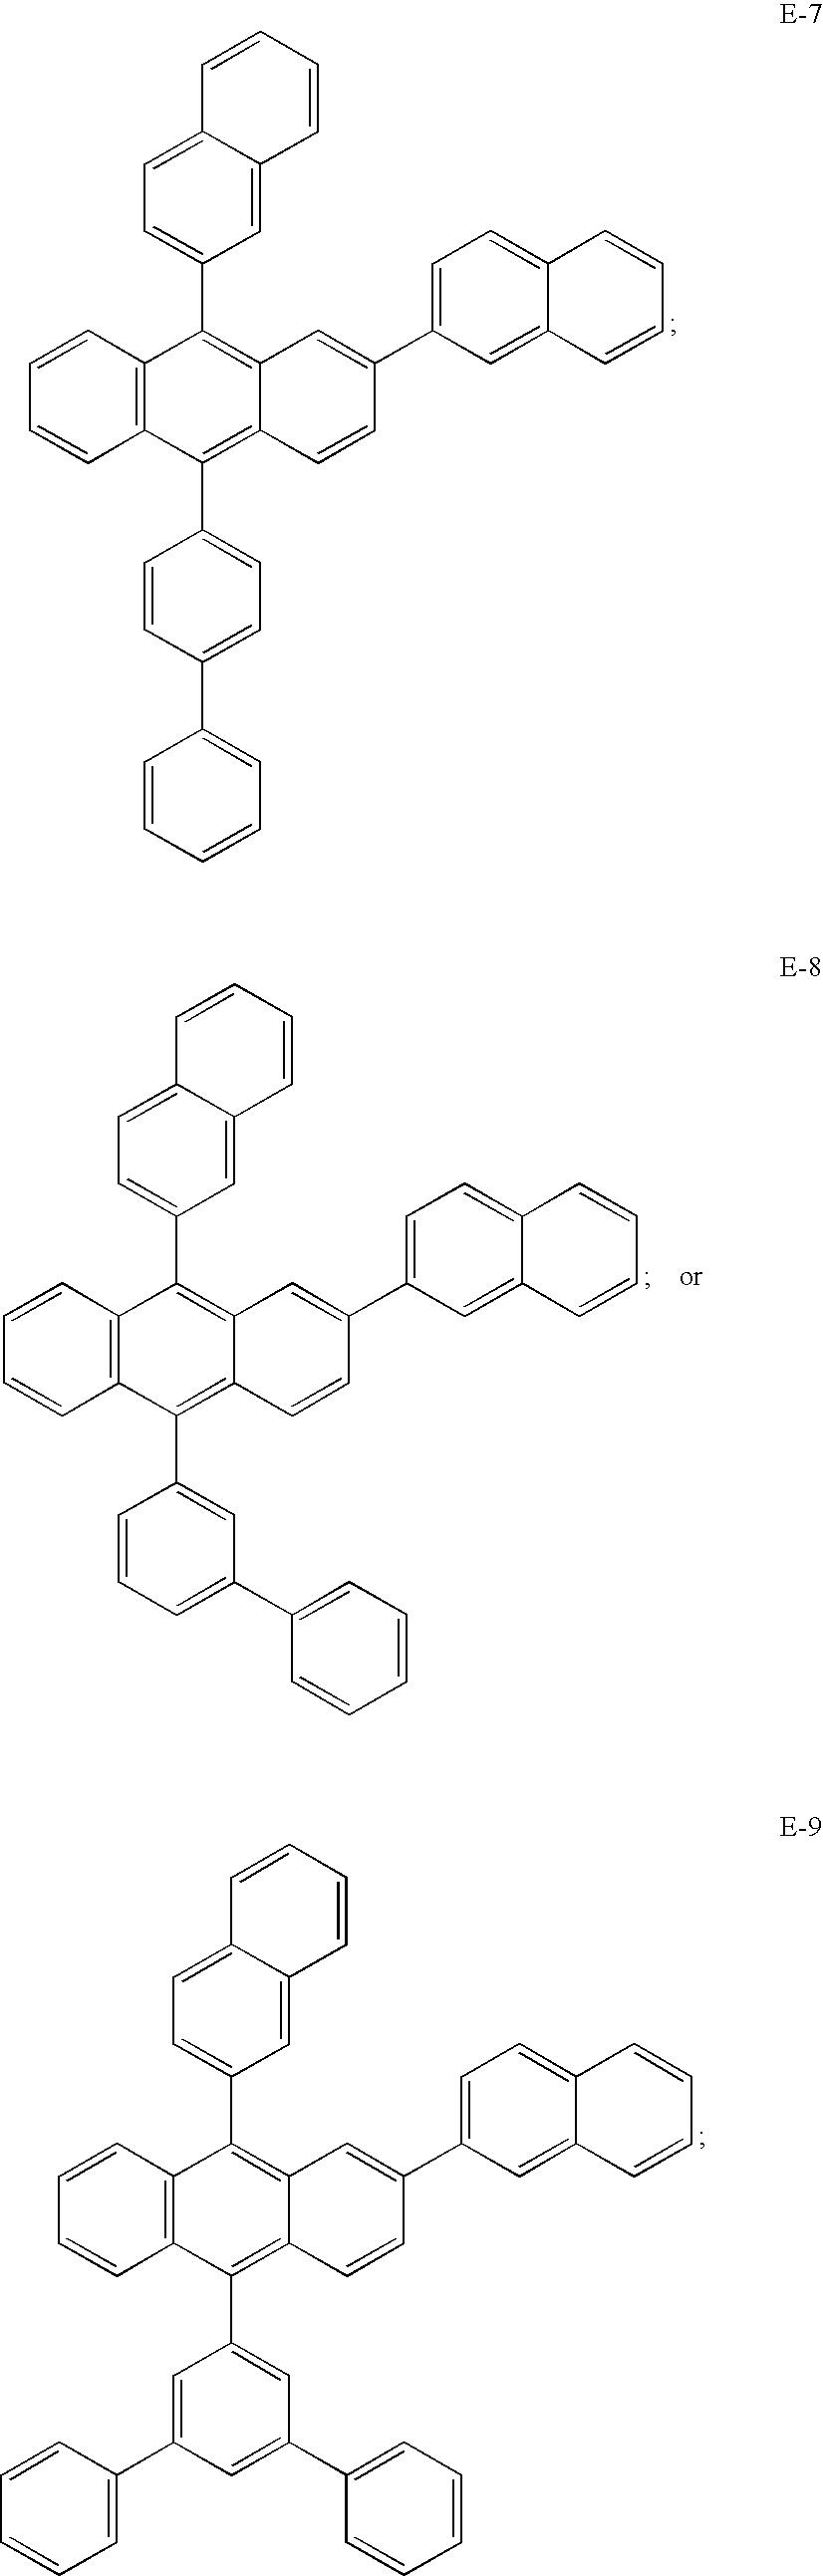 Figure US20090115316A1-20090507-C00012